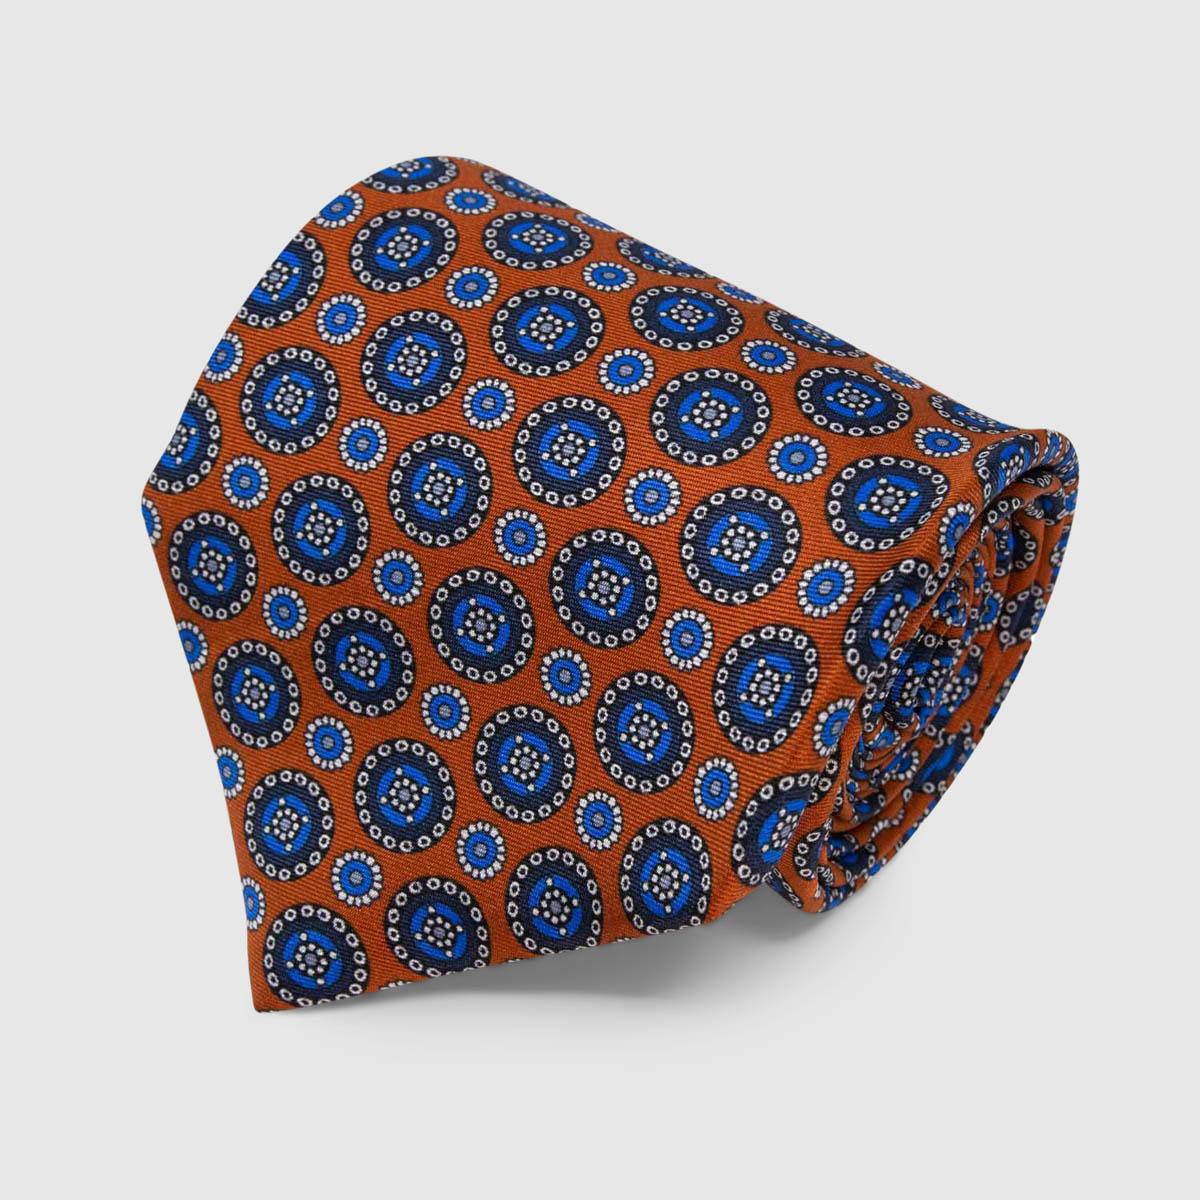 Cravatta di Seta arancione con motivo rotondo blu